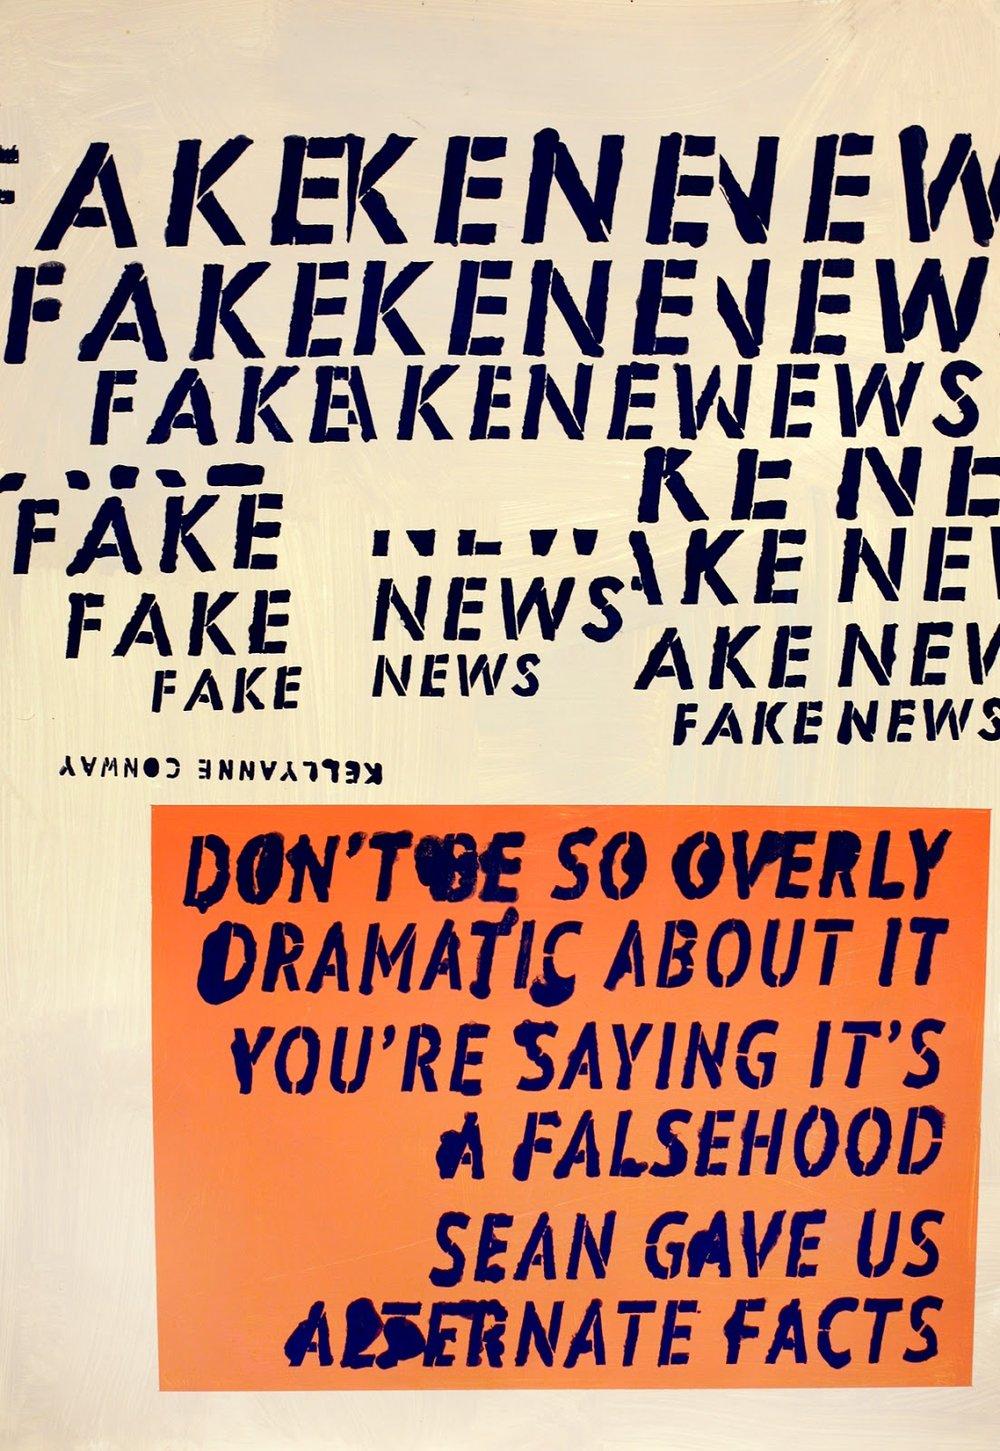 fake.news01.jpg